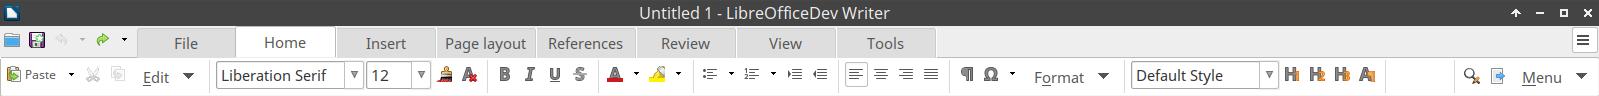 Sortie de LibreOffice 6 0 - LinuxFr org